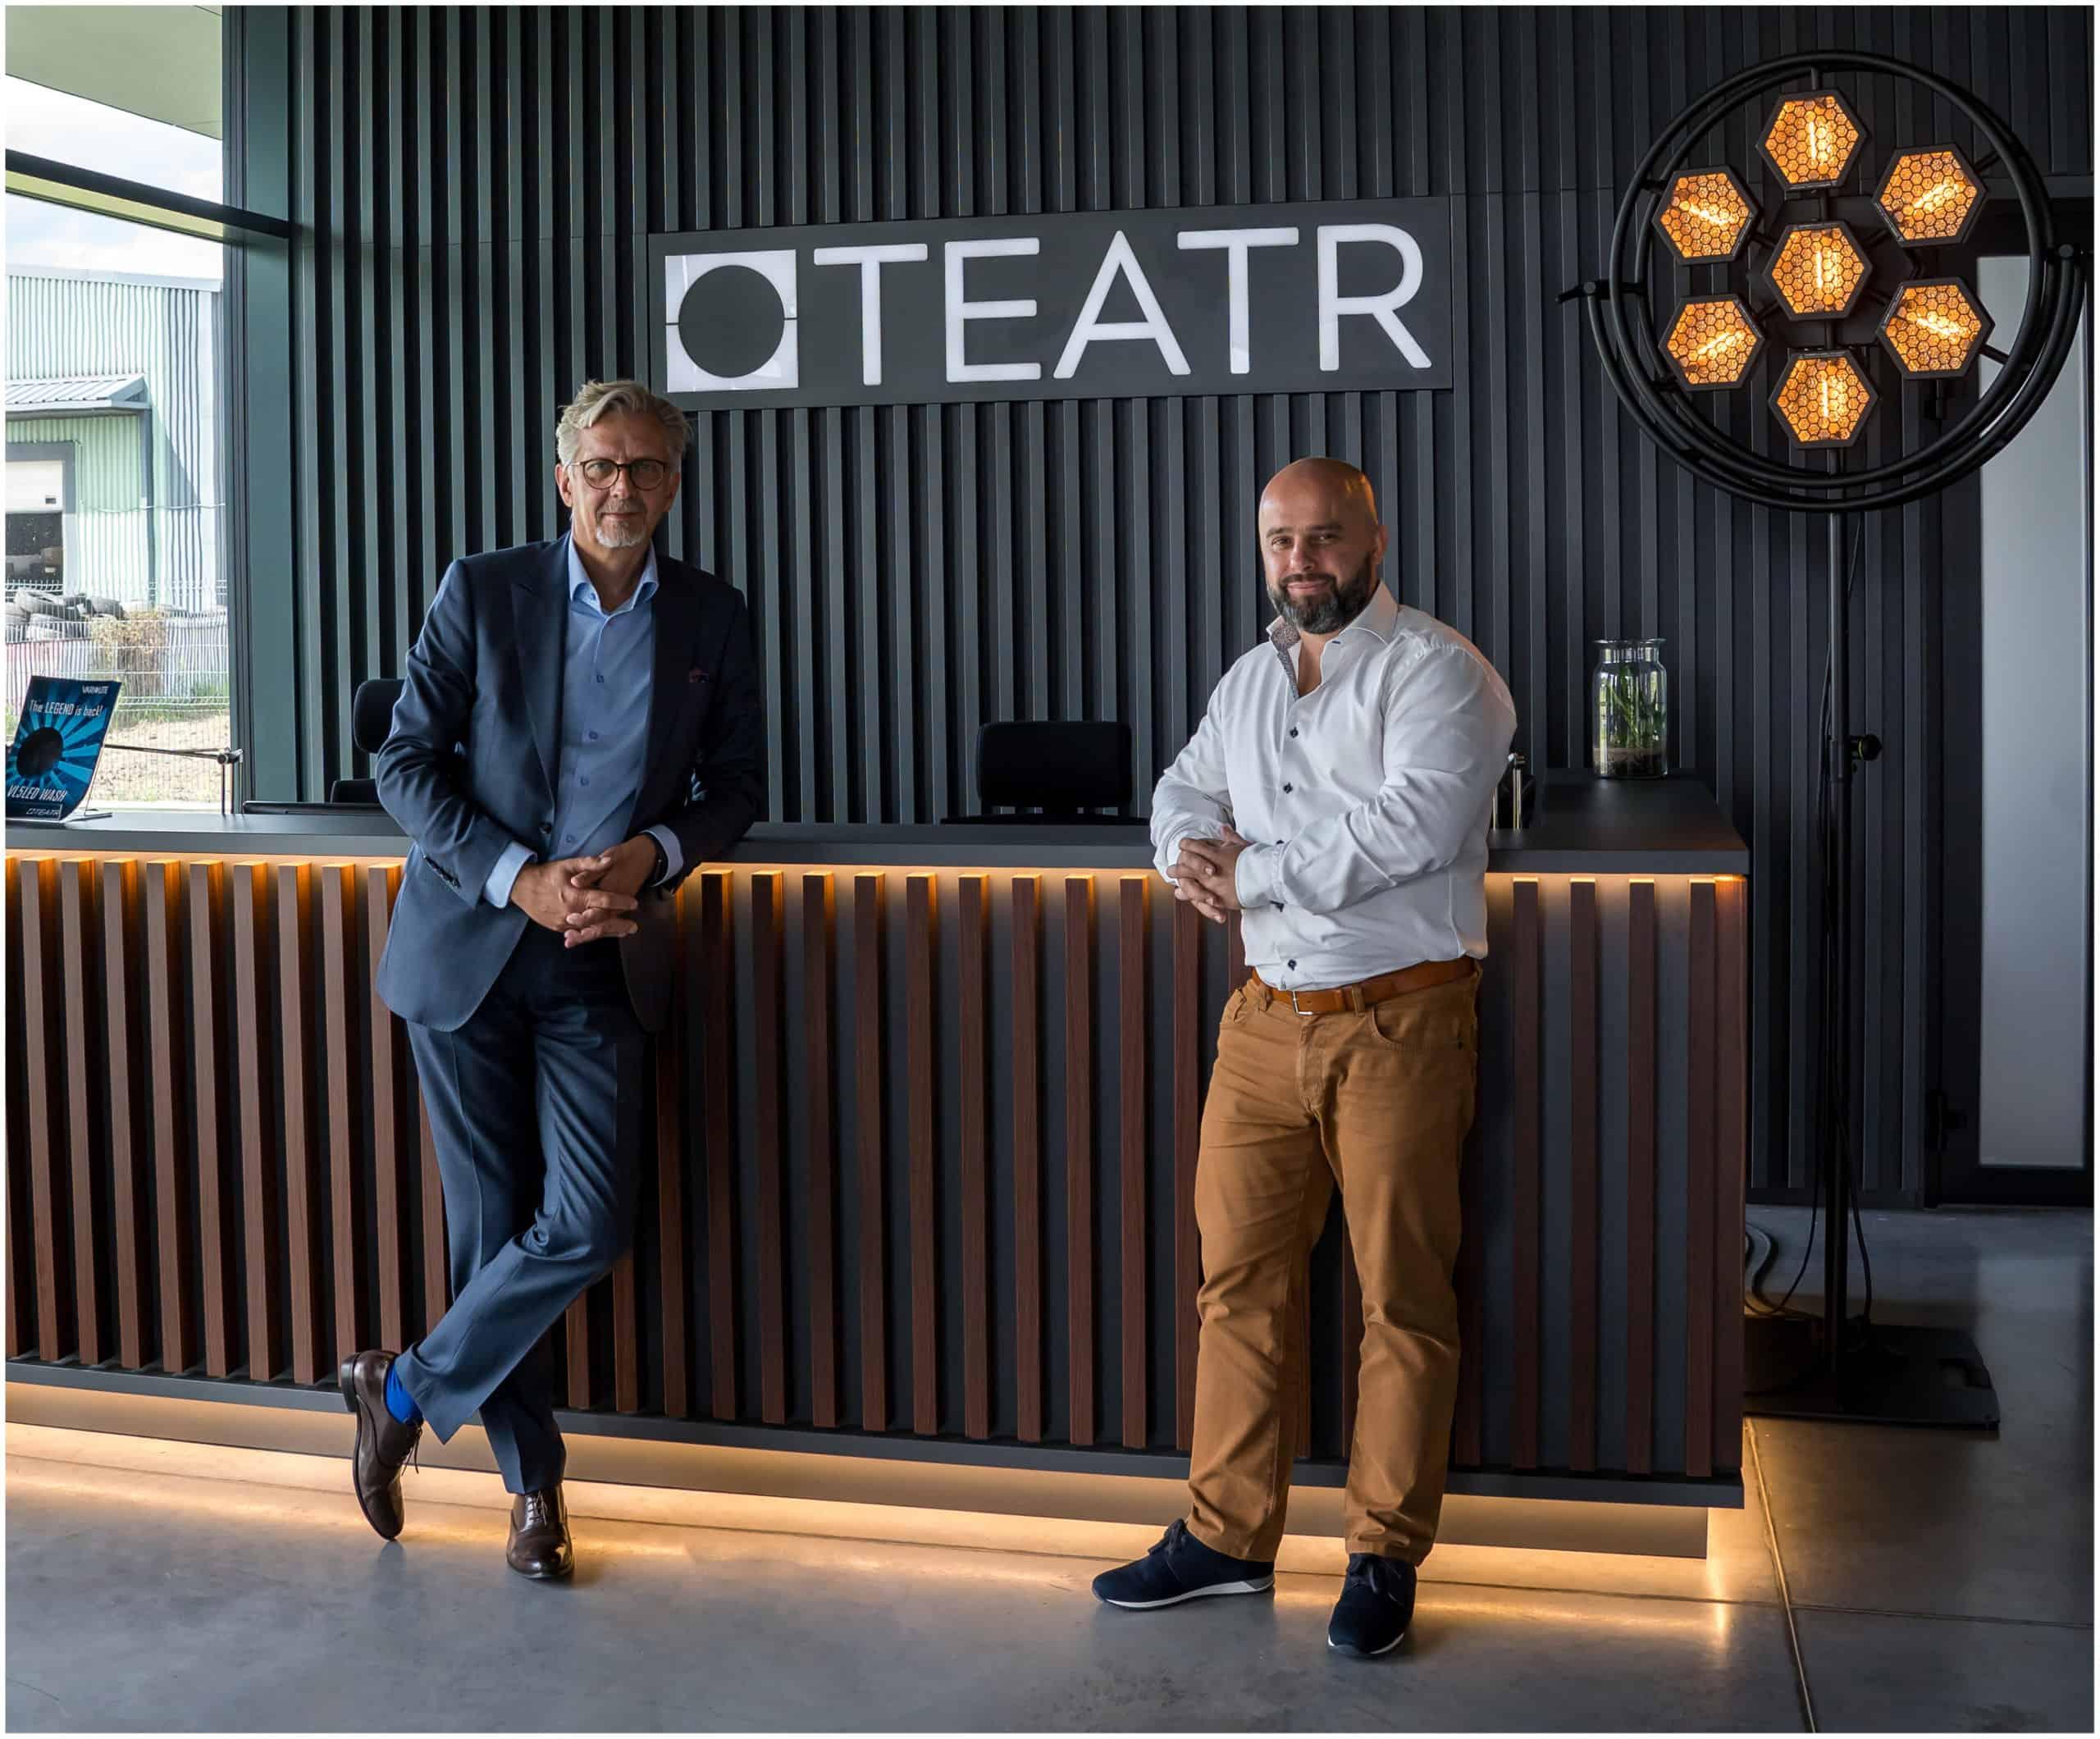 Nowa siedziba PS TEATR Rozmowa z właścicielem firmy Markiem Gumińskim oraz dyrektorem zarządzającym Michałem Frąckowiakiem www.muzykaitechnologia.pl